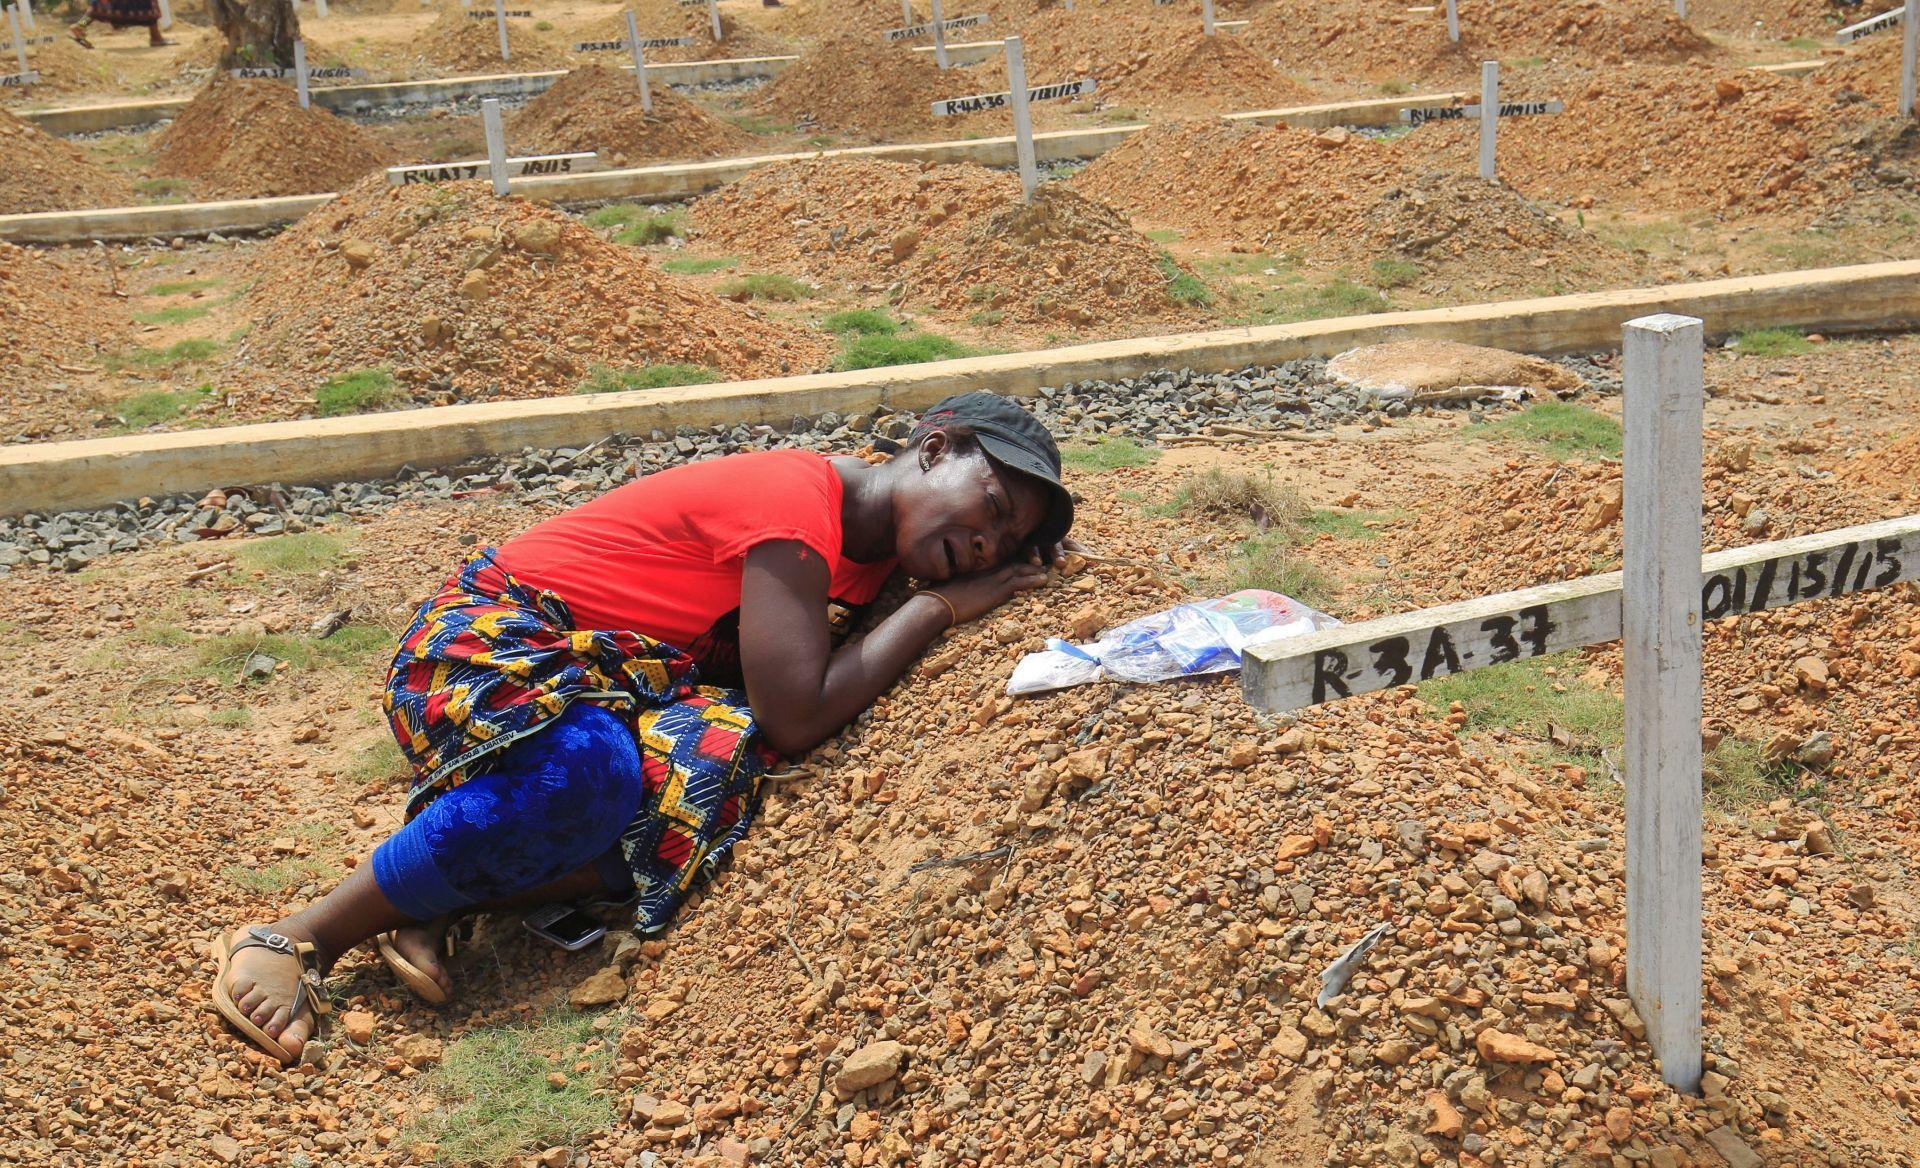 NAKON MJESECI ZATIŠJA: Nove žrtve ebole u Liberiji